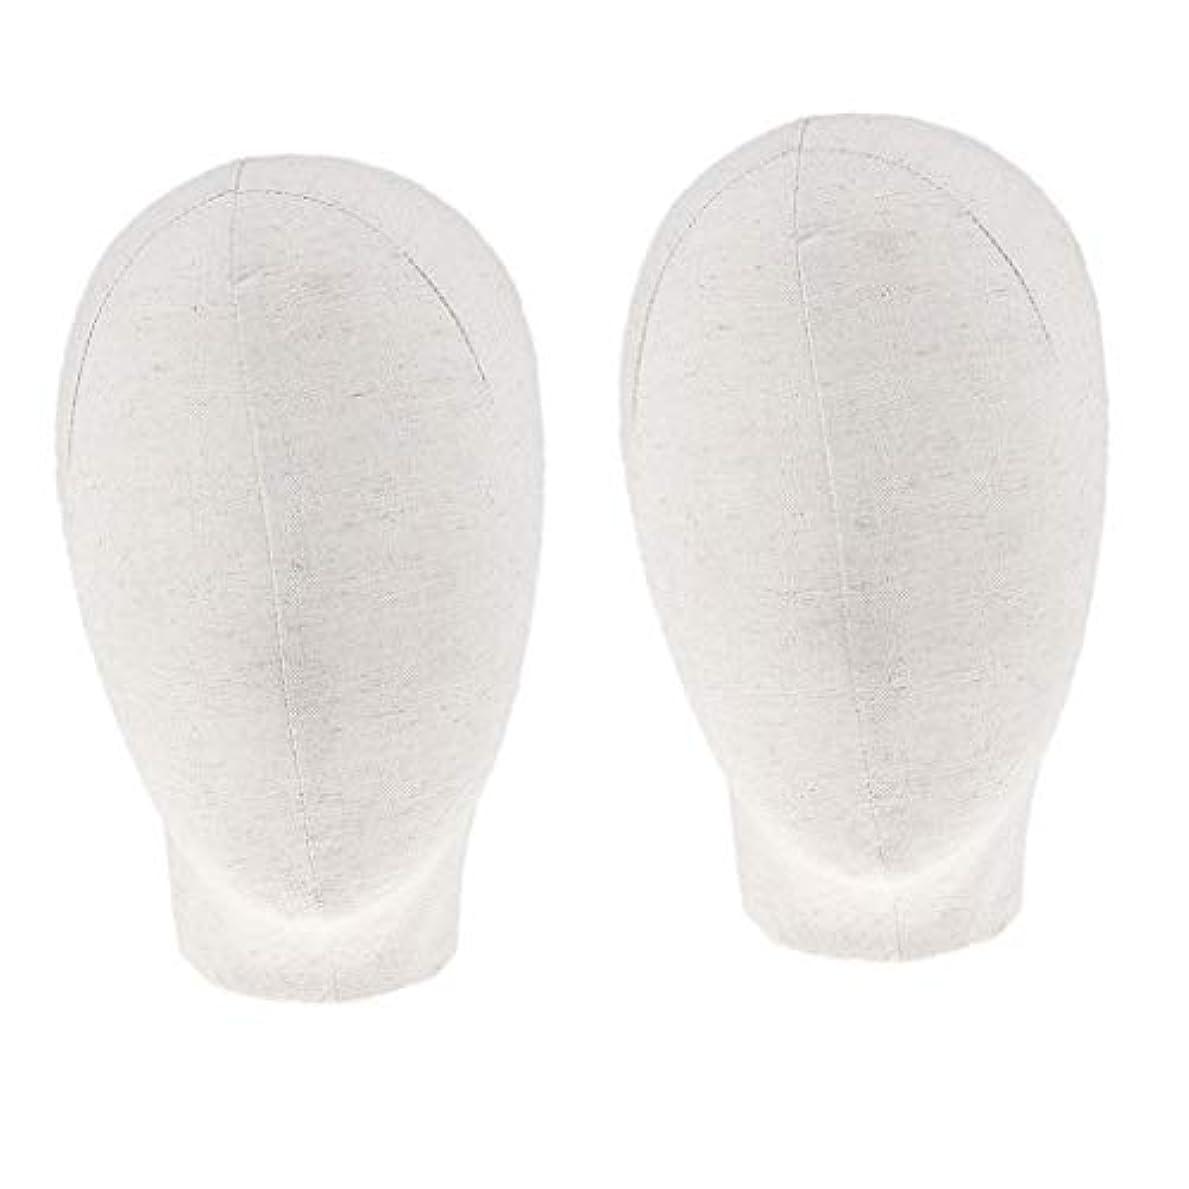 スキーム広まった気候DYNWAVE マネキンヘッド キャンバスブロック 21インチ かつら 帽子 メガネ ディスプレイ ホルダー